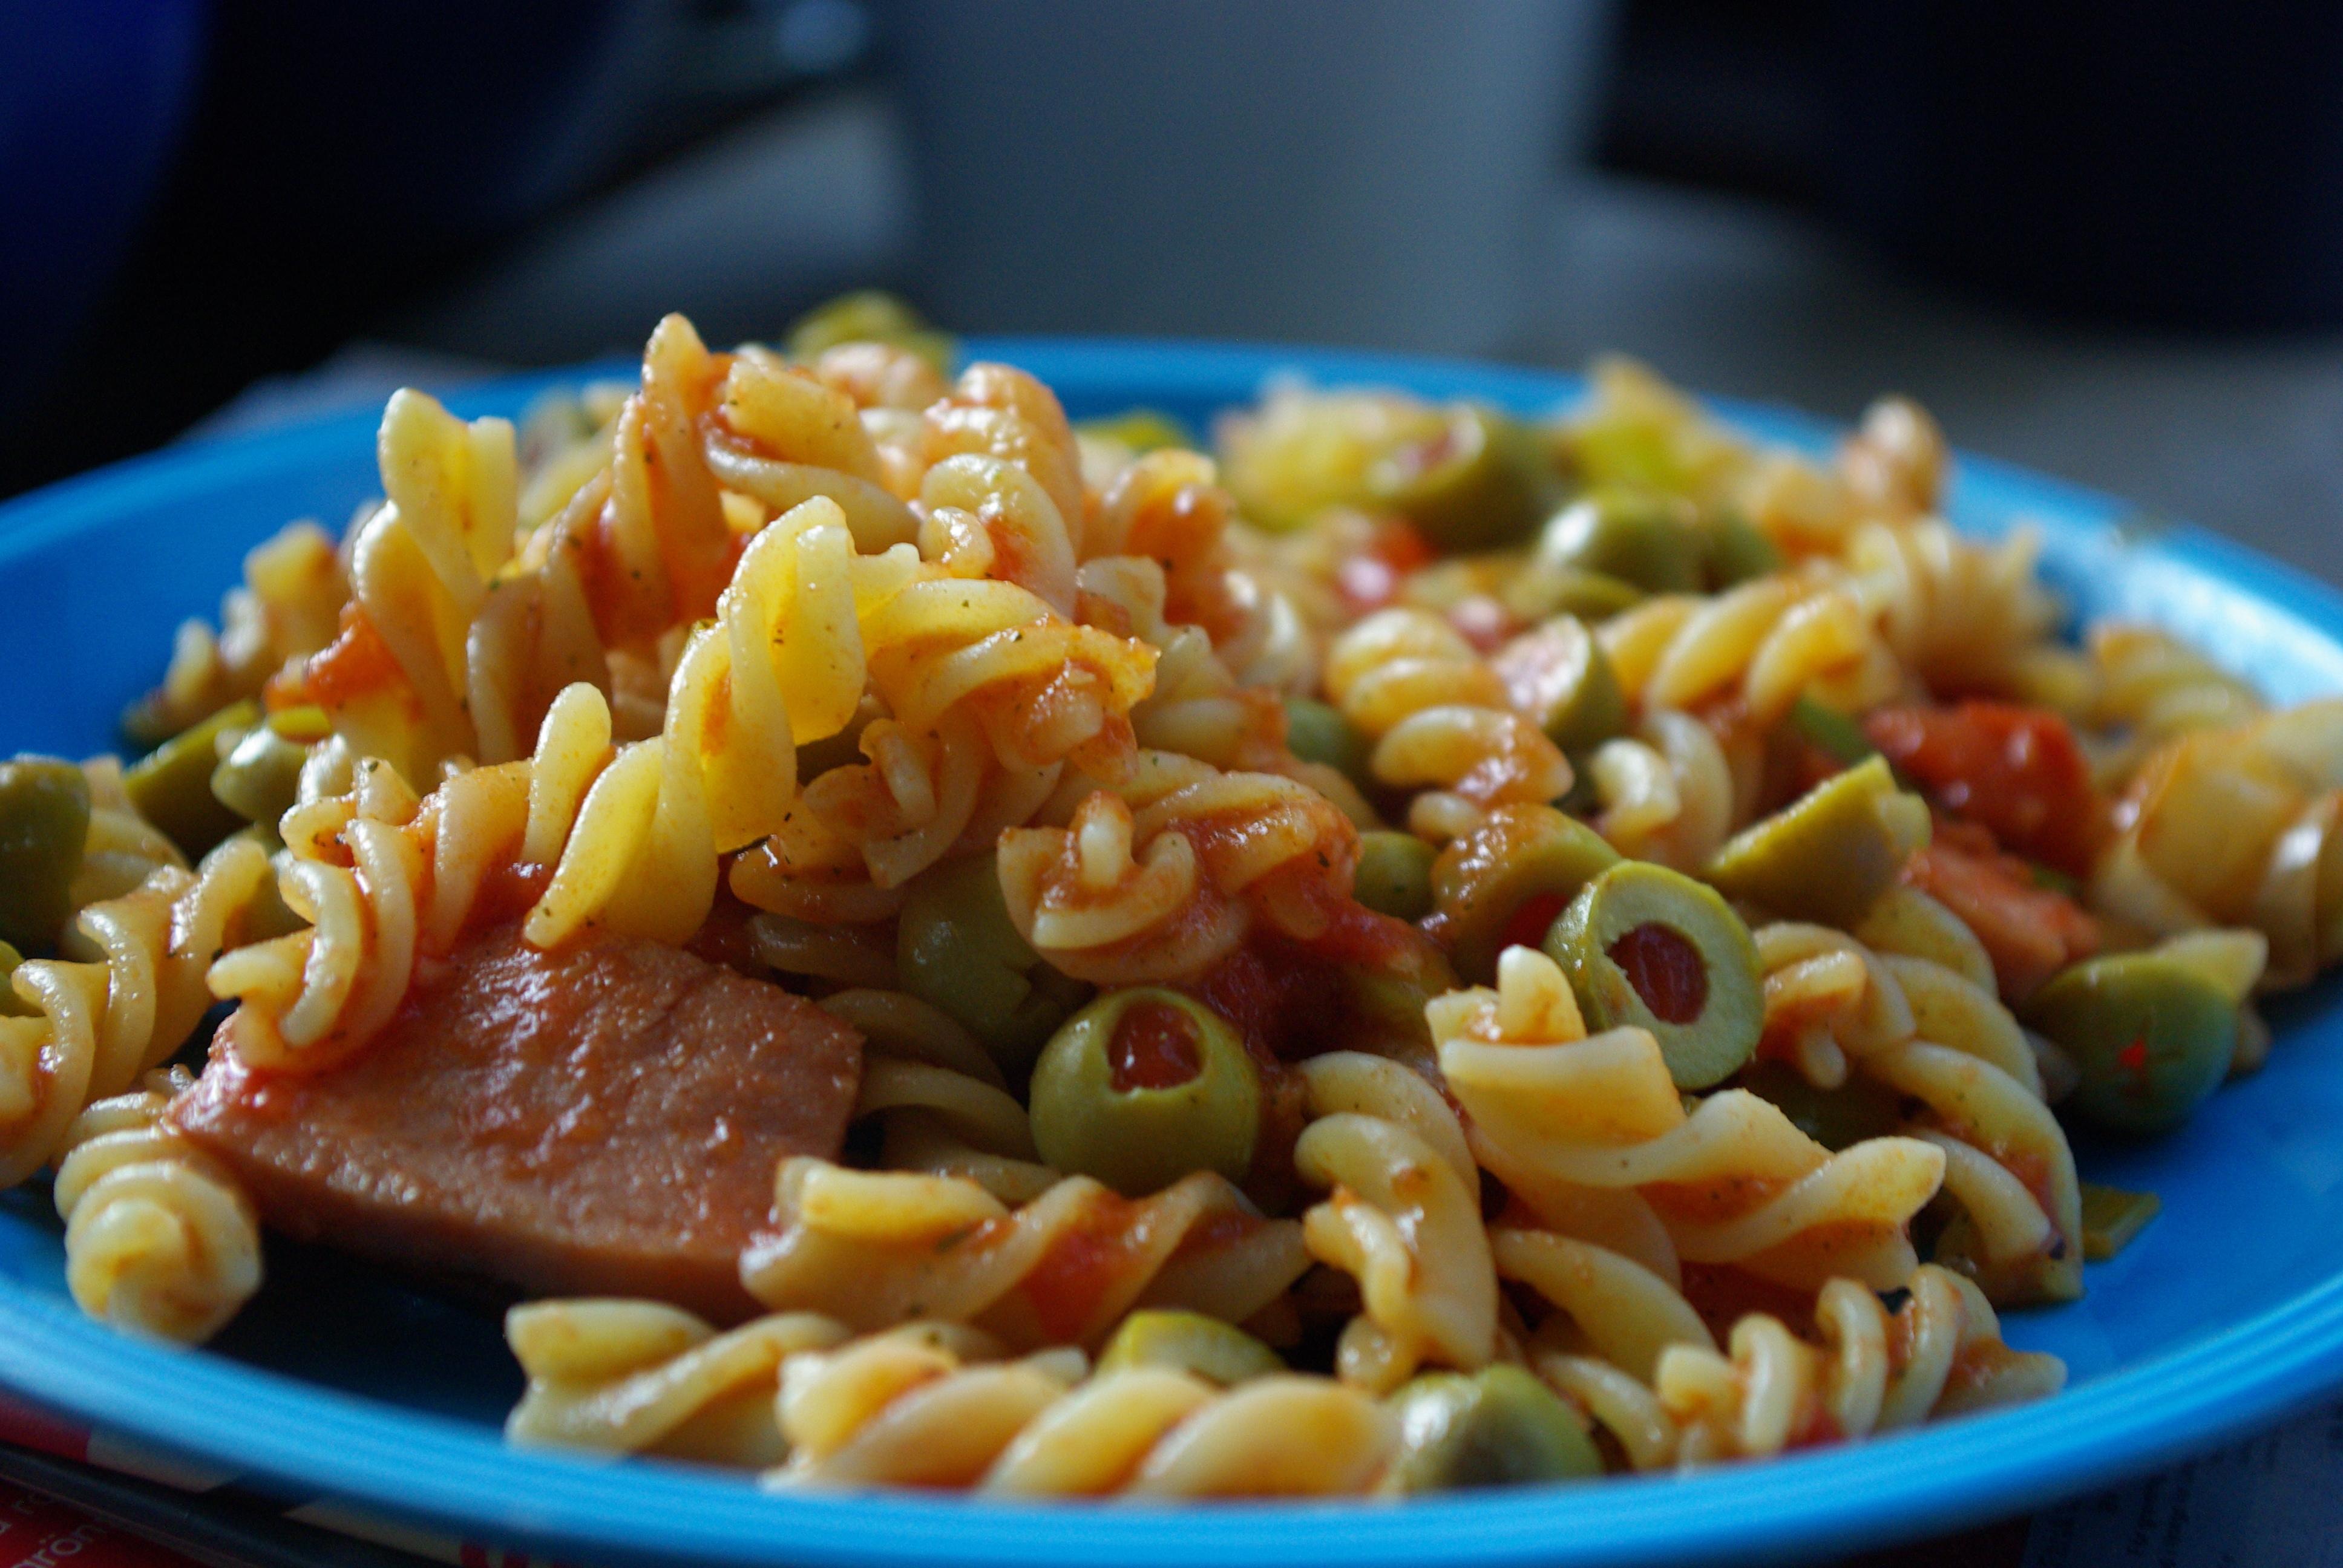 italiensk vardagsmat